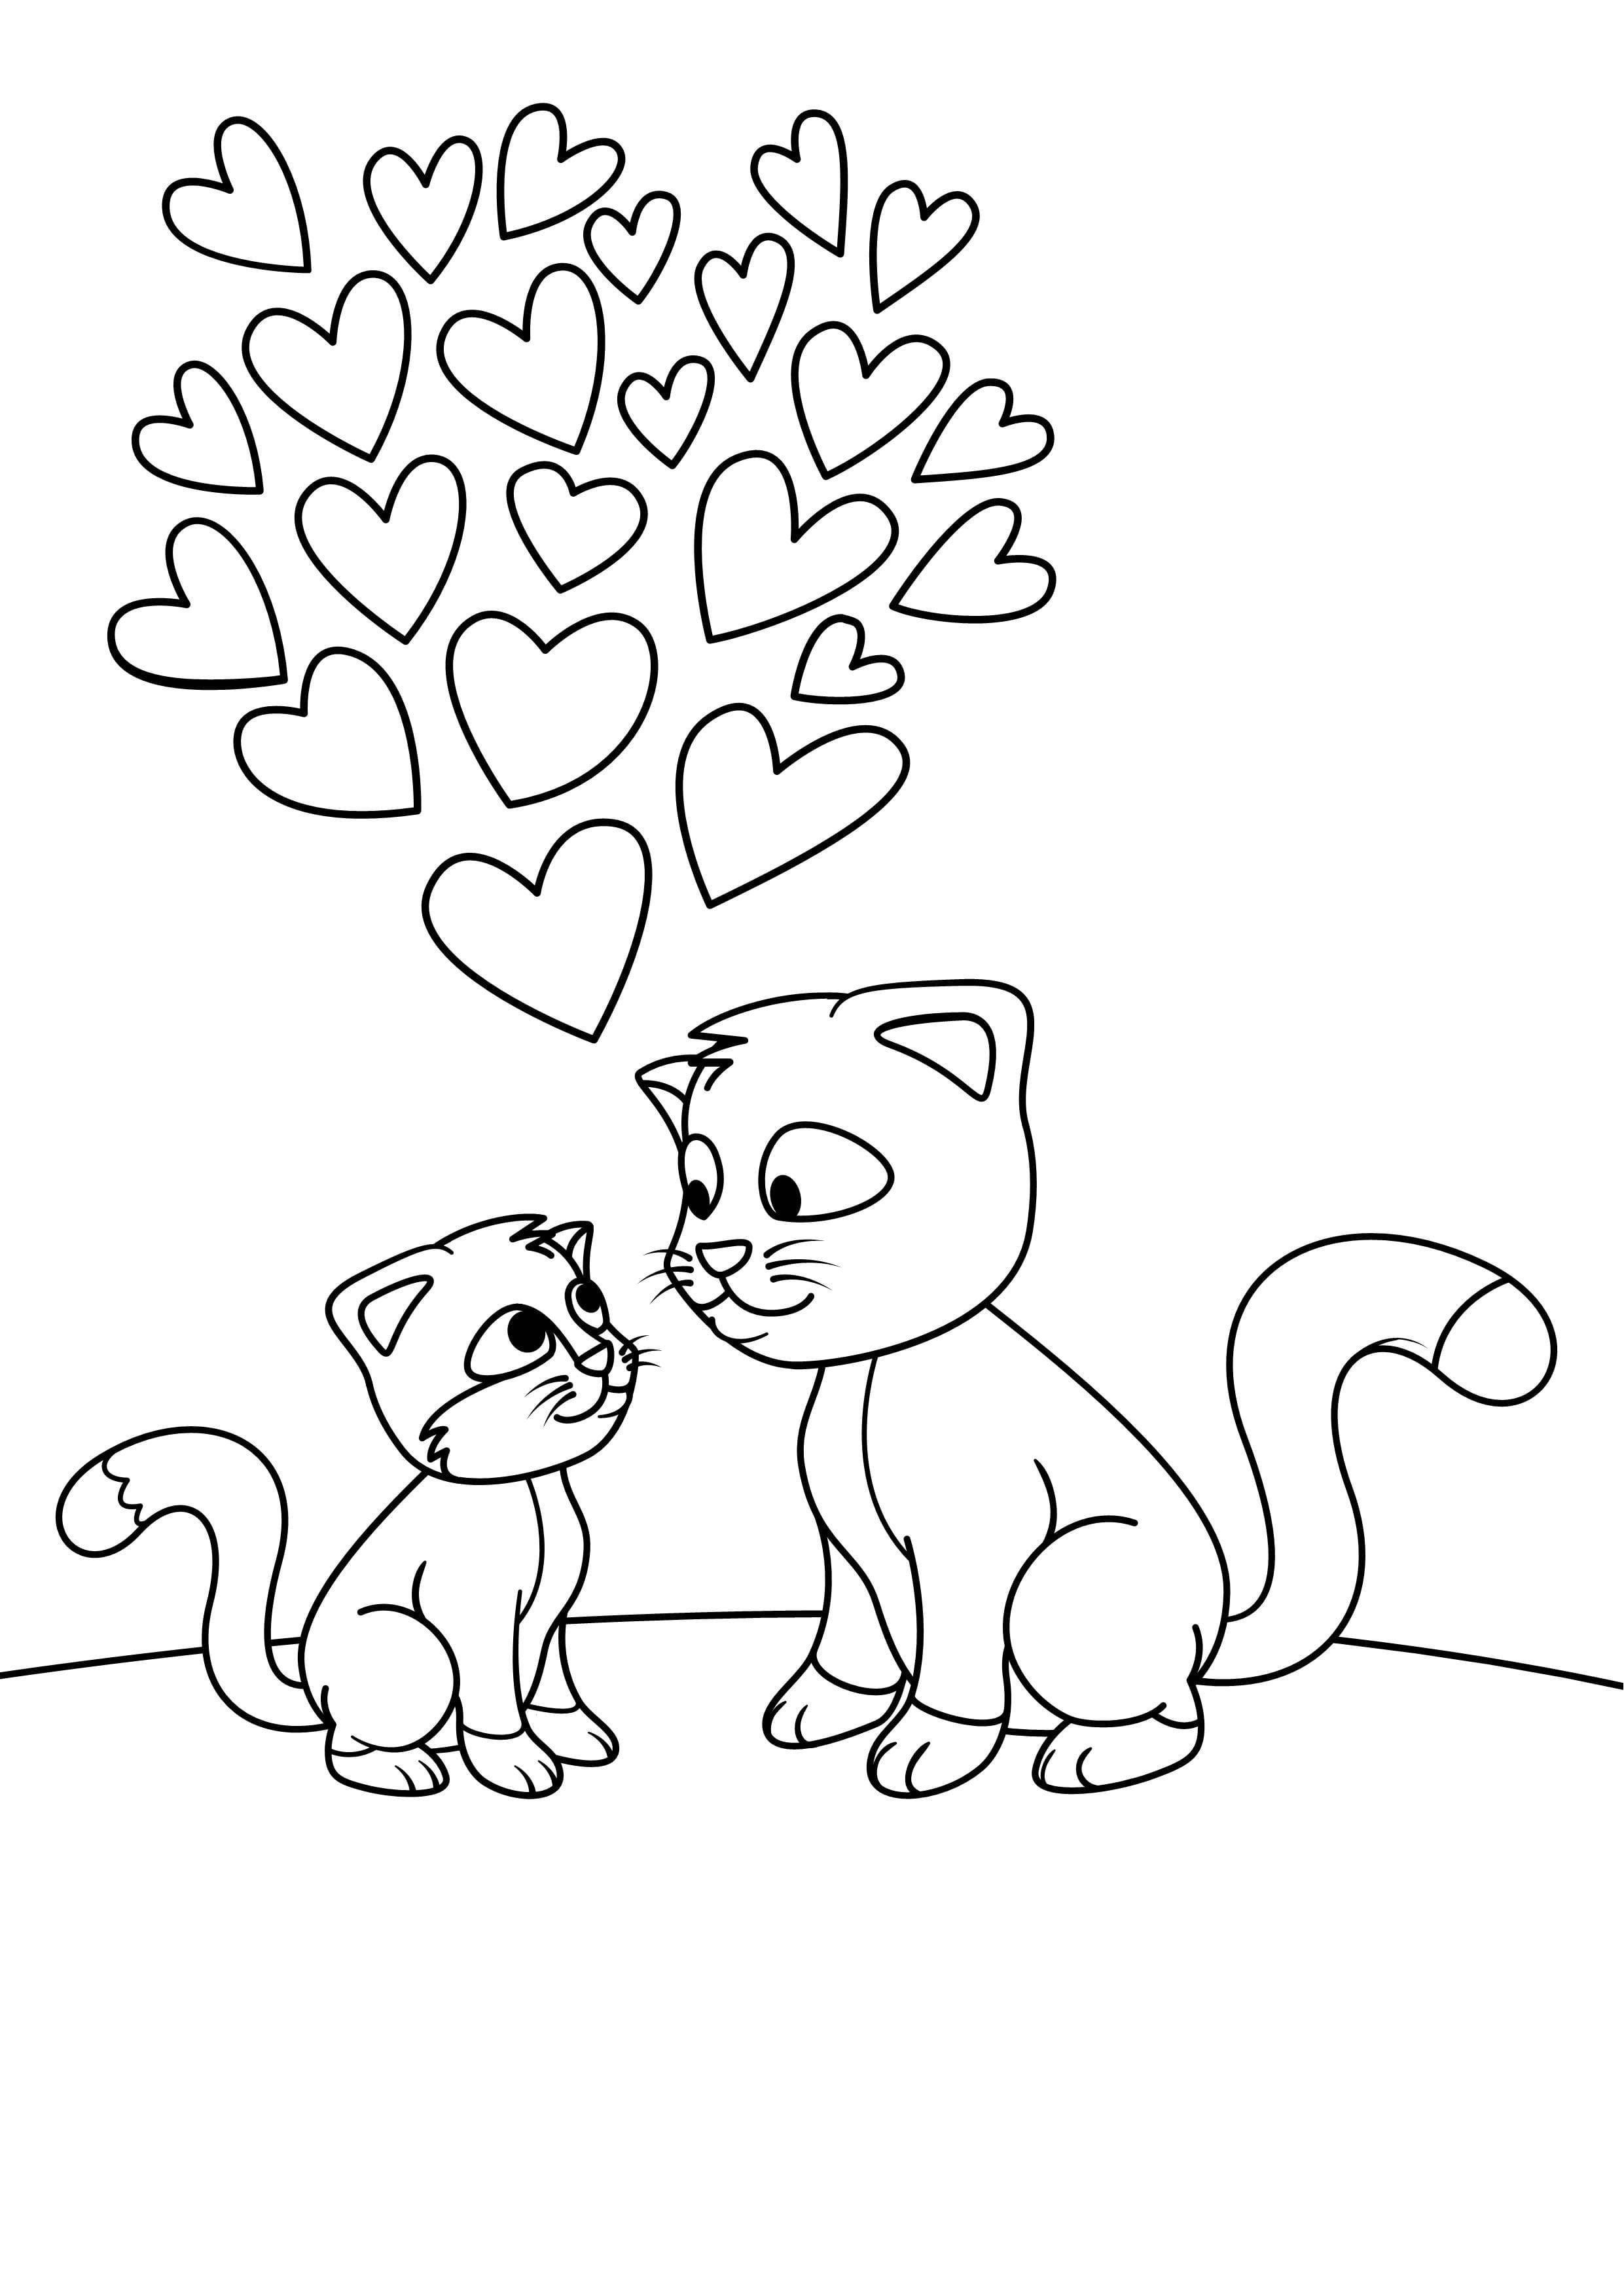 животные кошки раскраски домашние рисовака